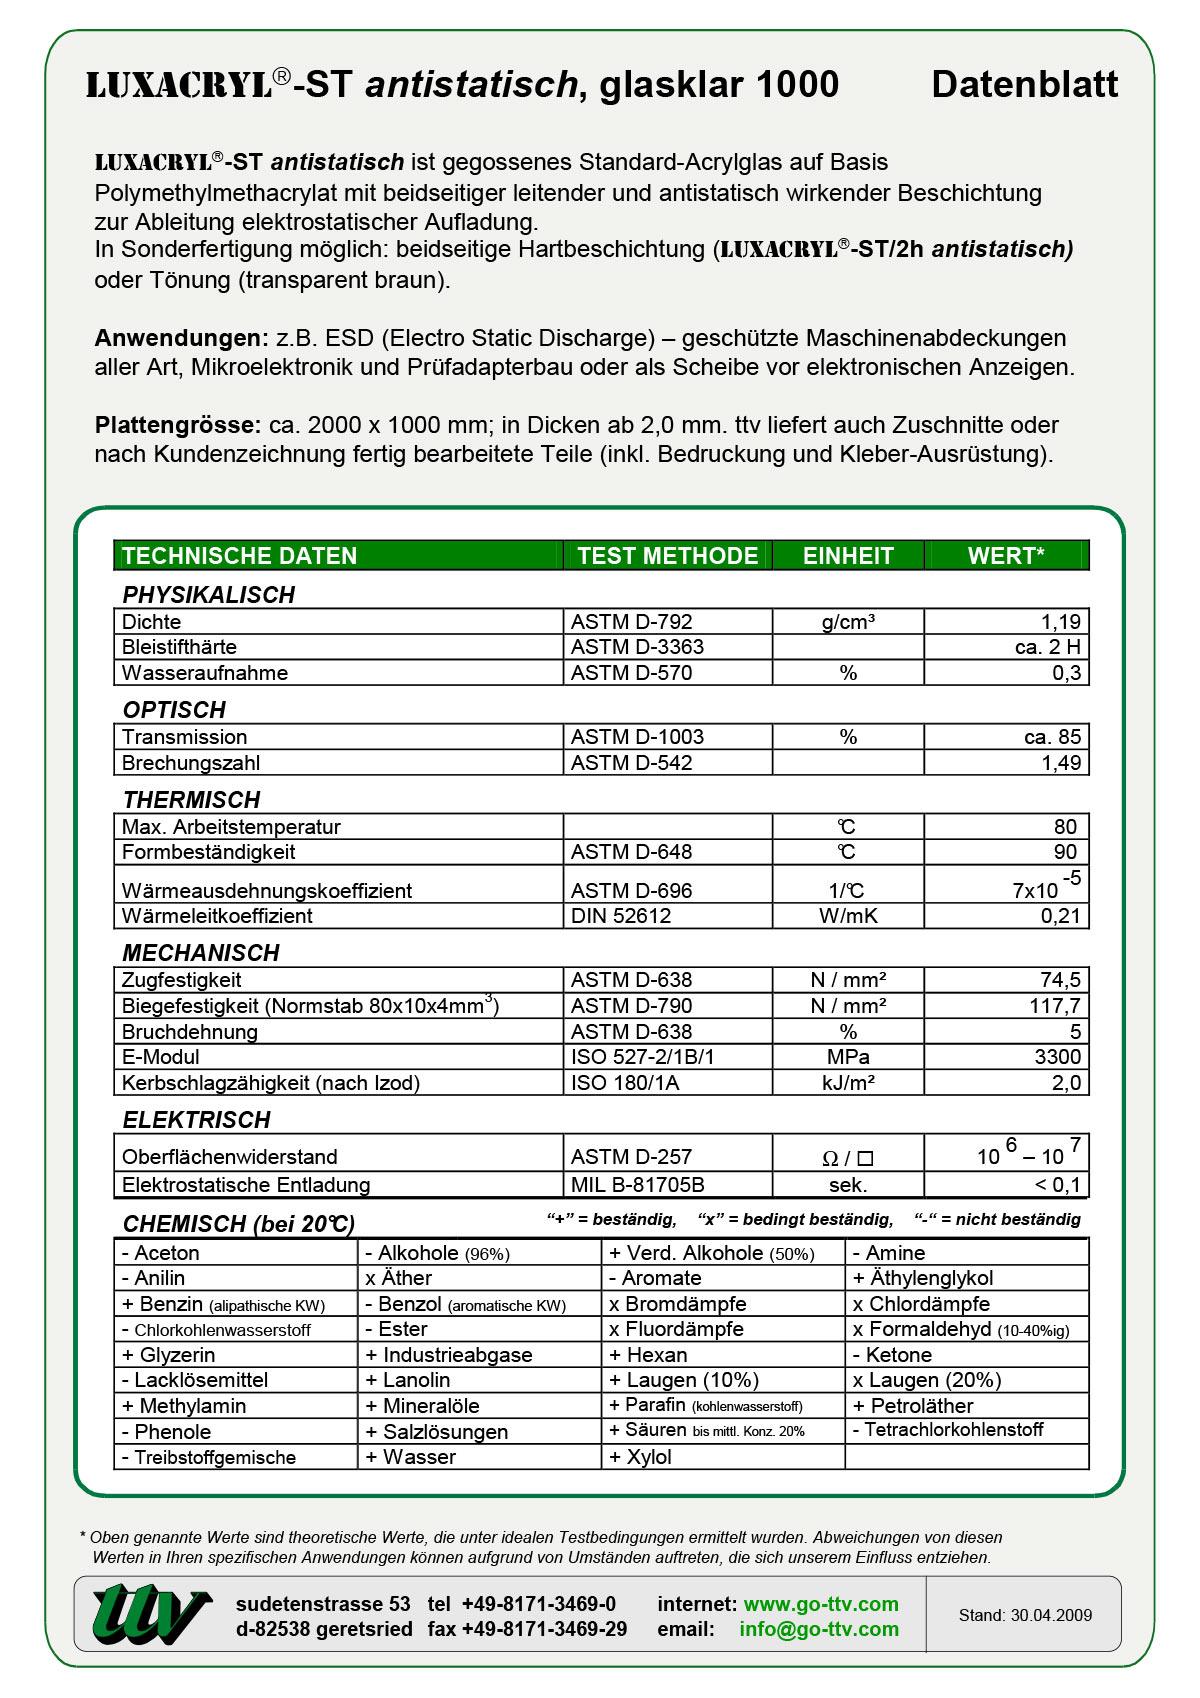 Luxacryl-ST antistatisch Datenblatt